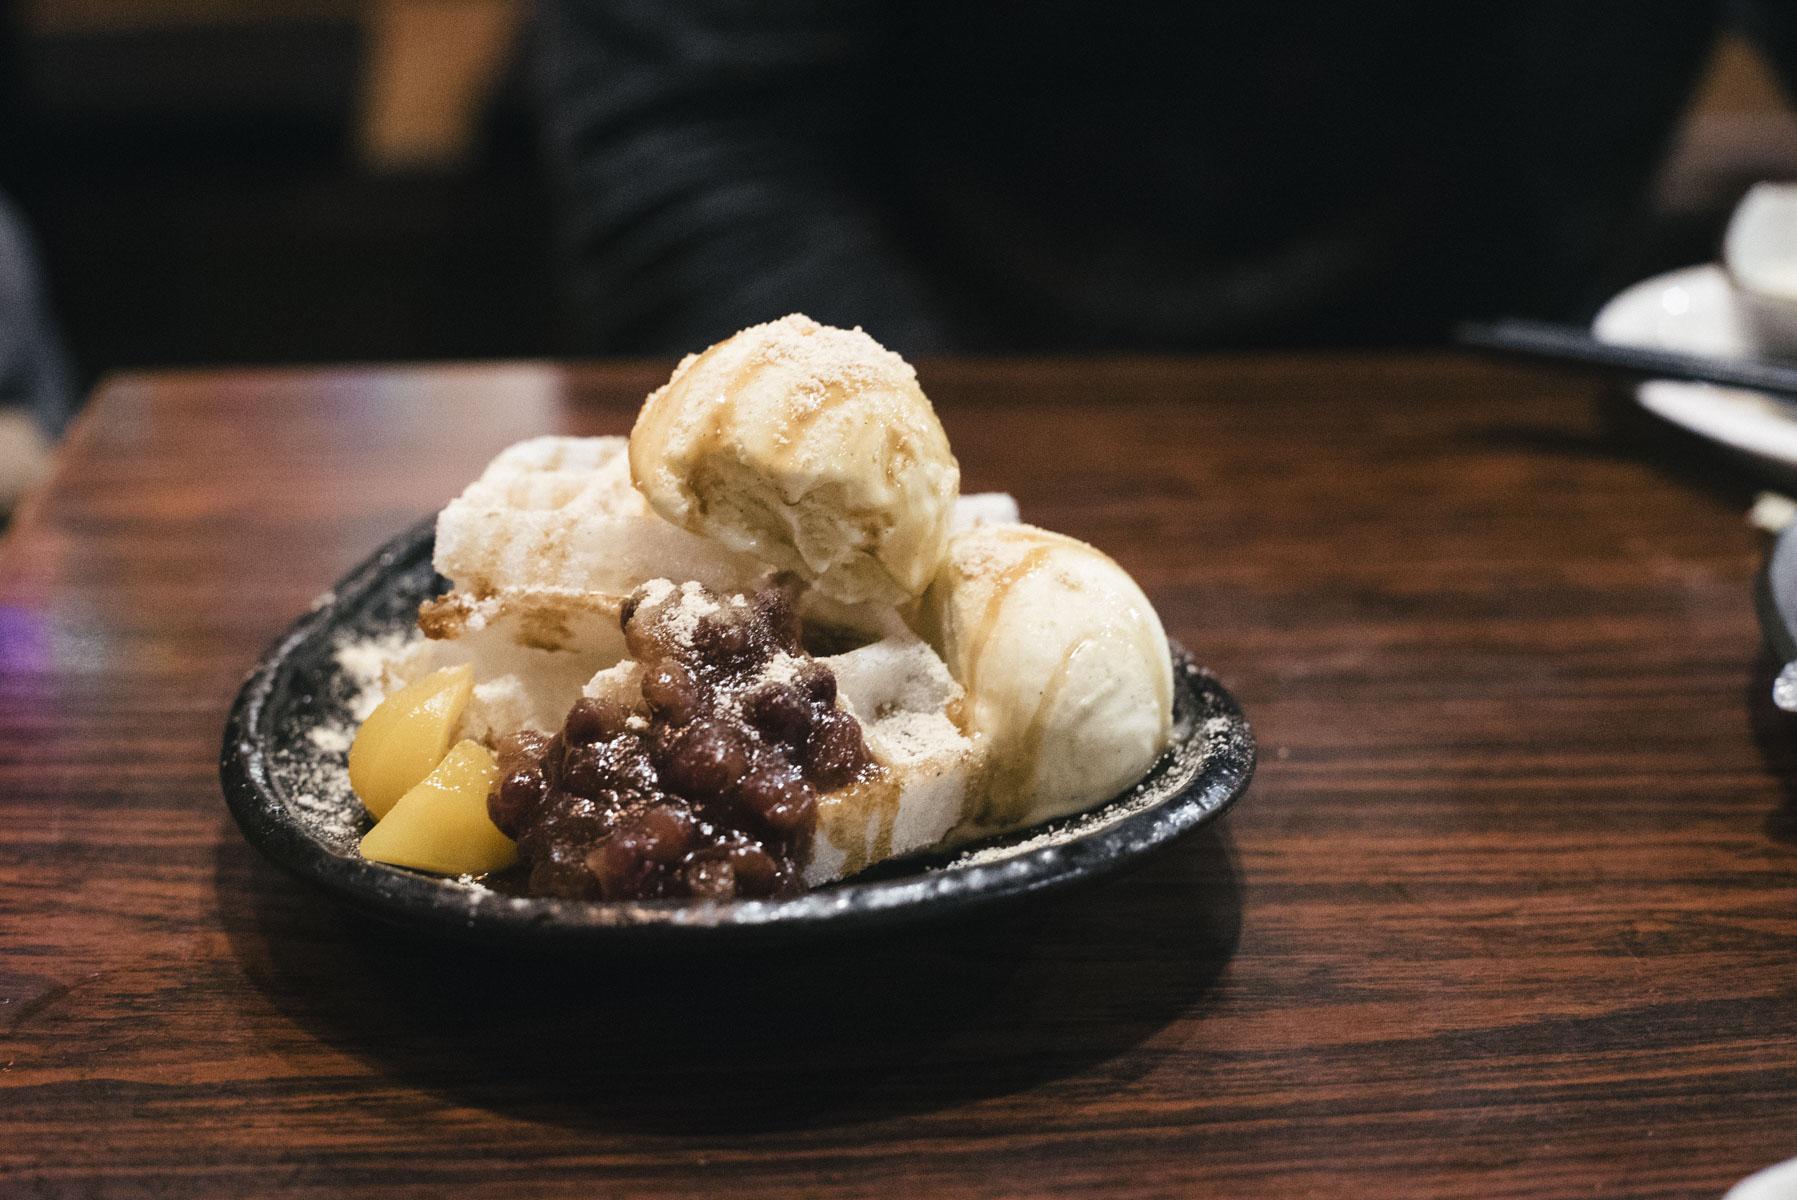 11-moffle-maruhachi-tokyo